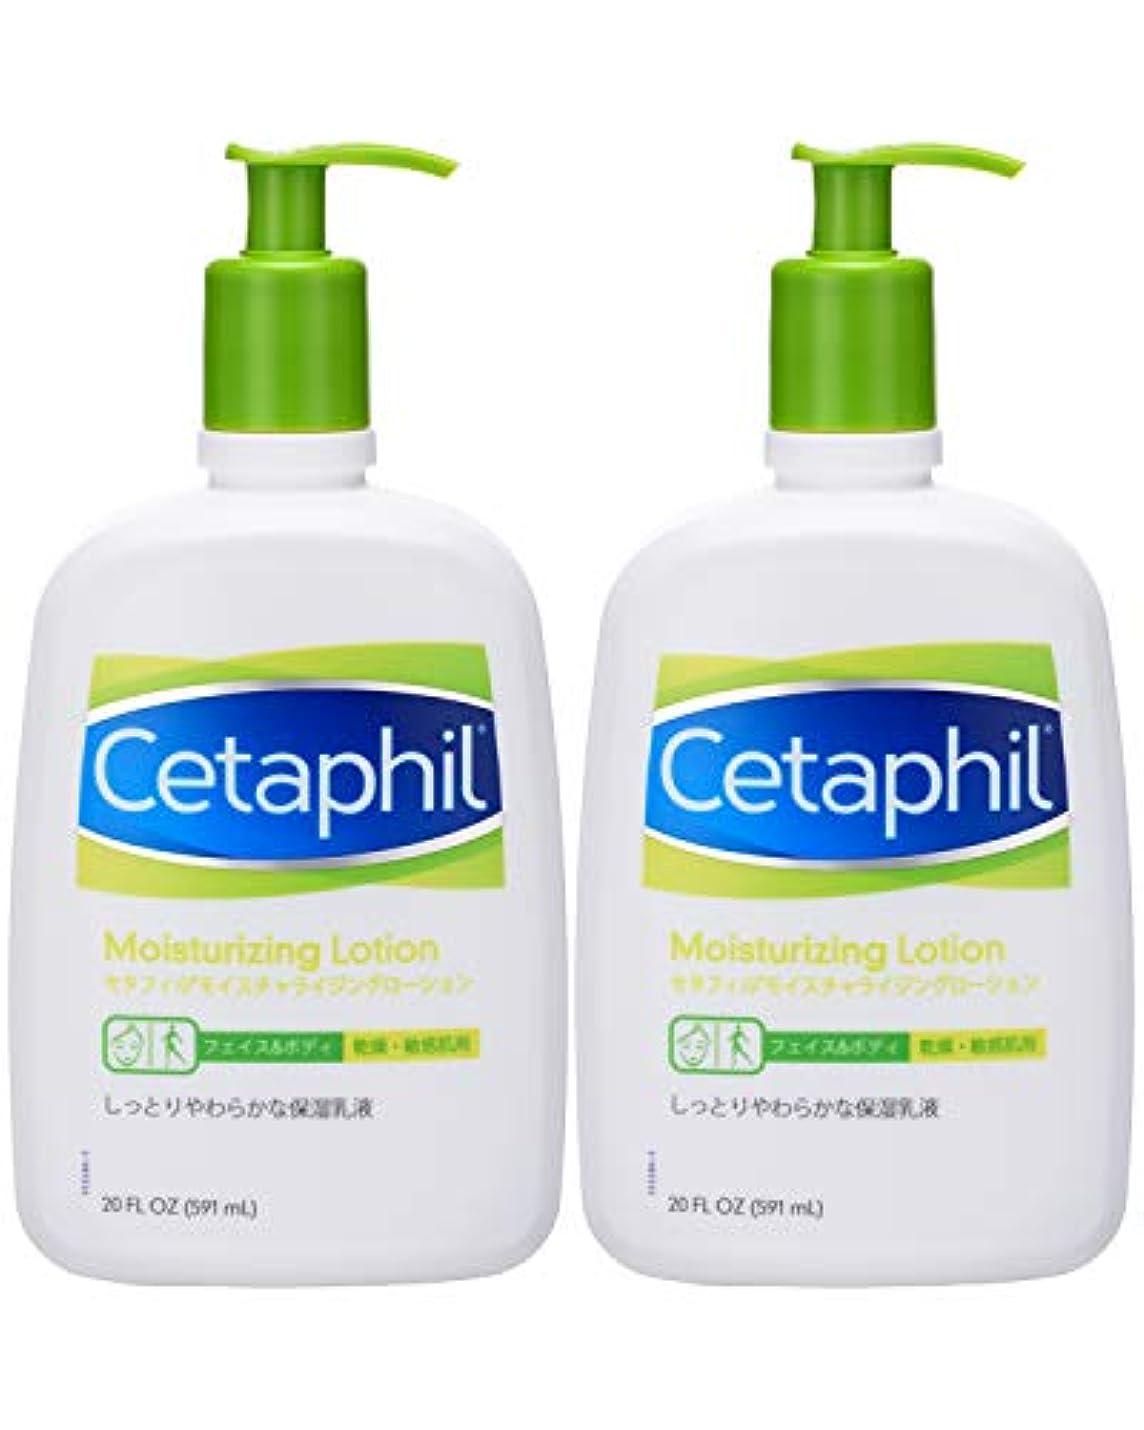 応答無能蒸し器セタフィル Cetaphil ® モイスチャライジングローション 591ml 2本組 ( フェイス & ボディ 保湿乳液 ローション )